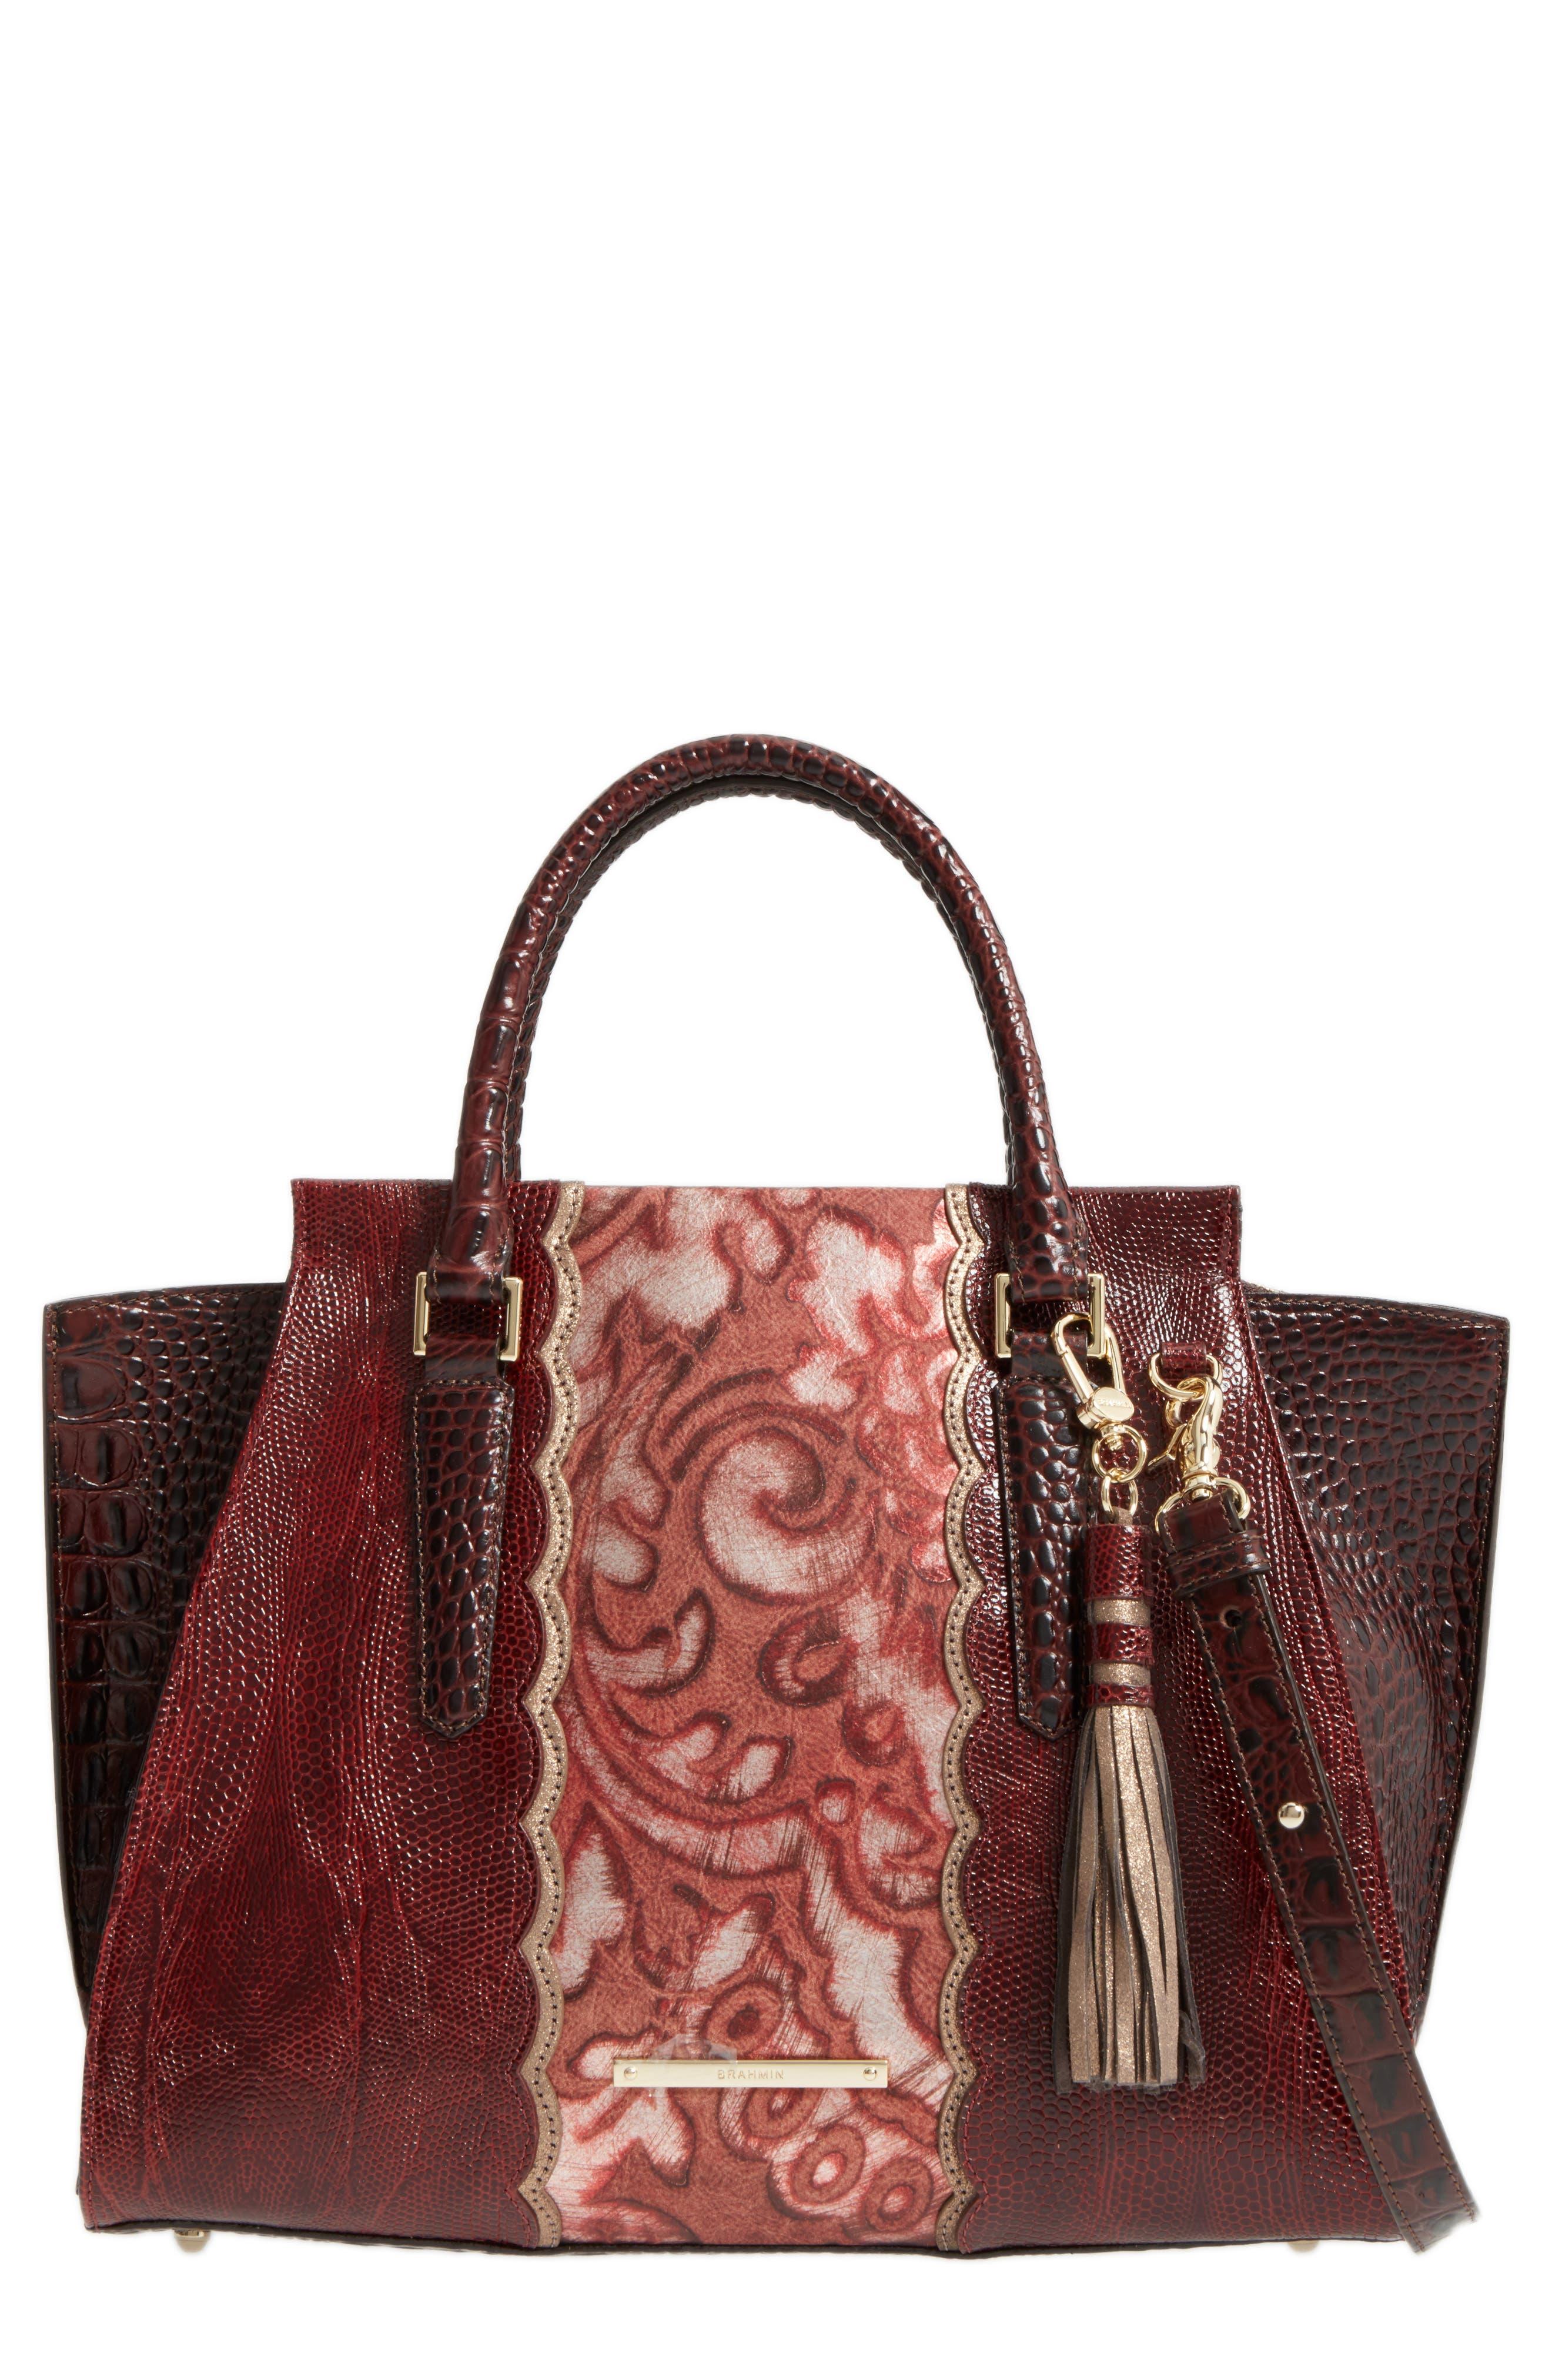 Brahmin Red Verona - Priscilla Leather Satchel